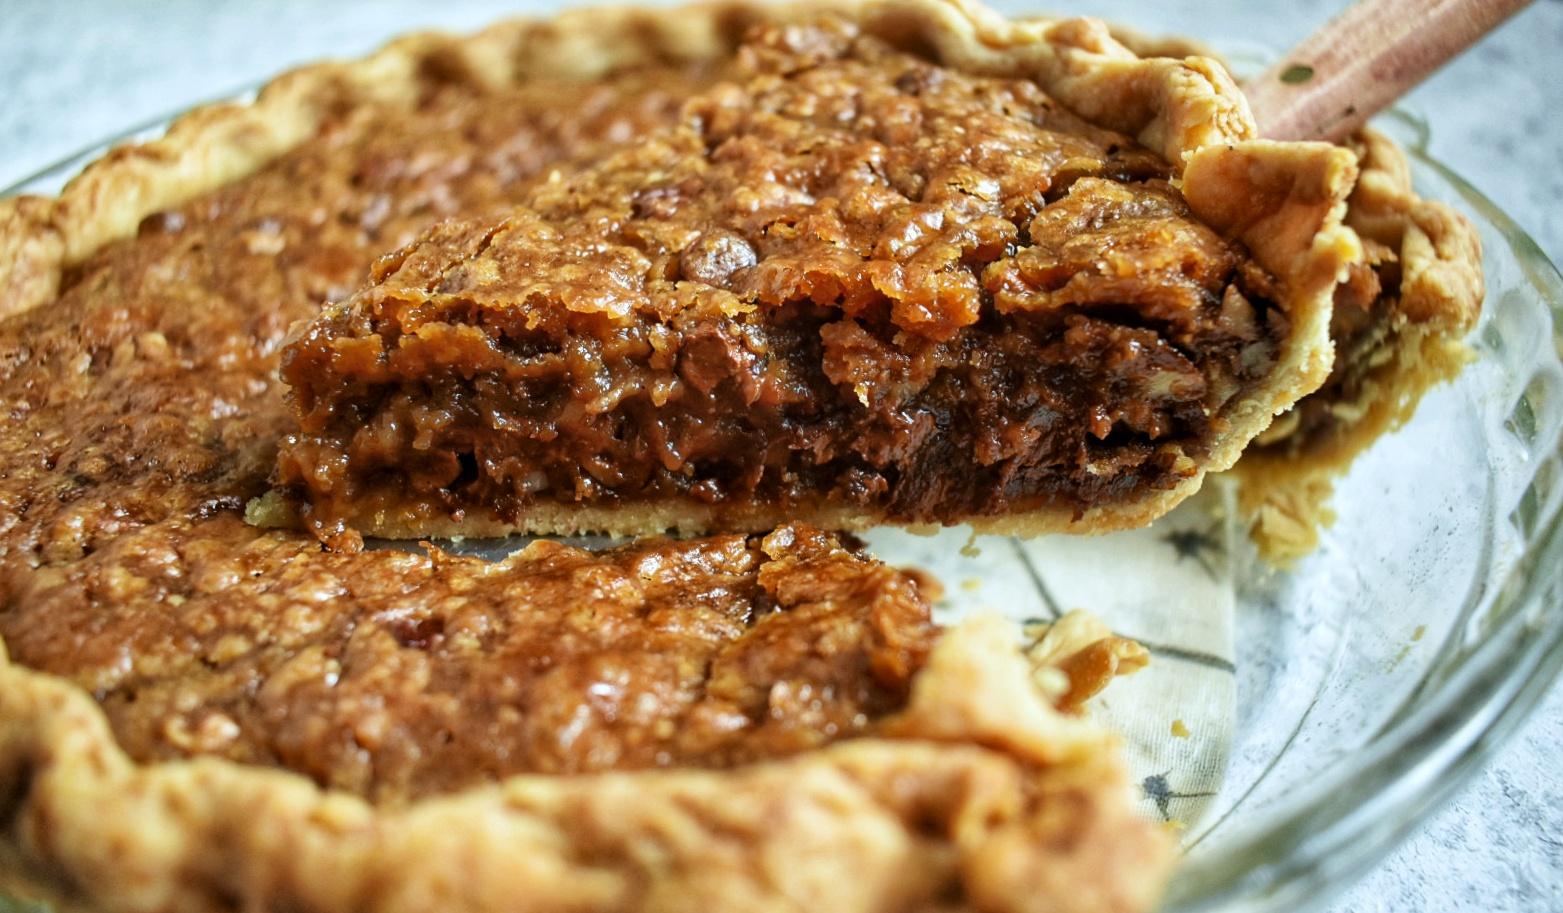 Vegan Kentucky Bourbon Chocolate Pecan Pie - The Bitchy Baker